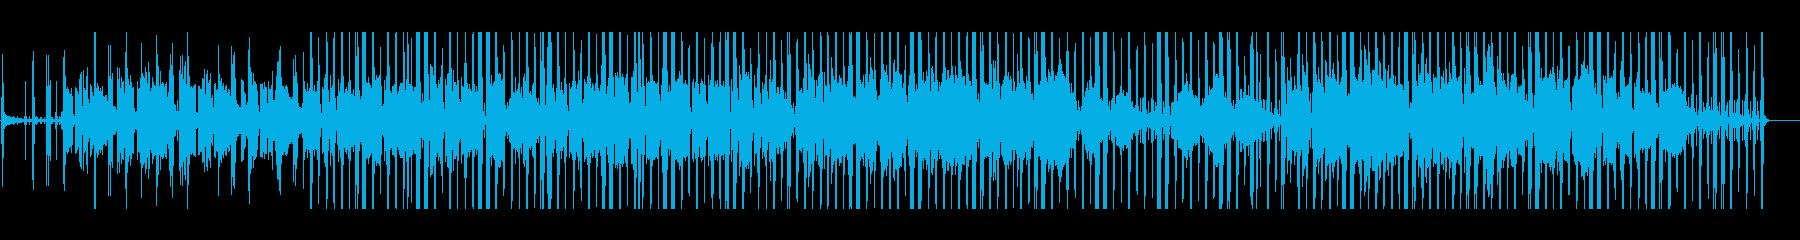 ほのぼのした雰囲気のジャジーヒップホップの再生済みの波形